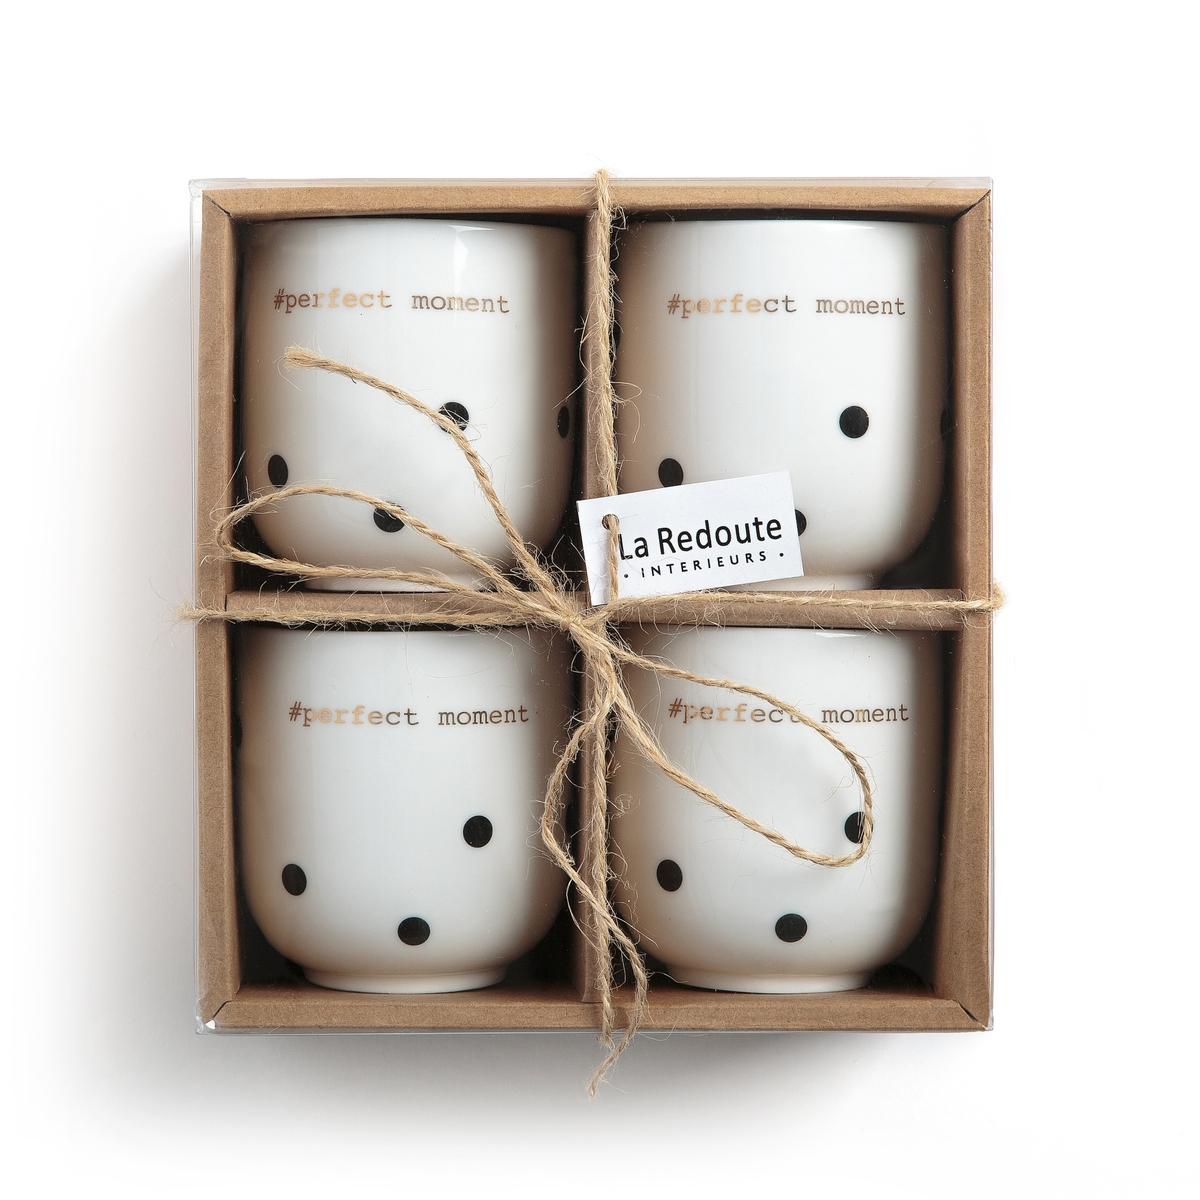 Комплект из 4 фарфоровых чашек для эспрессо, KUBLERОписание:4 кружки для эспрессо из фарфора, Kubler  . Изящный и благородный рисунок в горох чёрного цвета и золотистая надпись #Perfect moment.Характеристики 4 кружек для эспрессо из фарфора, Kubler Kubler   : •  Чашки для эспрессо из фарфора •  Диаметр : 6 см •  Высота : 7 см •  Вместимость : 150 мл •  Не подходят для мытья в посудомоечной машине •  Не подходят для микроволновой печи •  Продаются в комплекте из 4 штукНайдите комплект посуды Kubler на нашем сайте laredoute.ru<br><br>Цвет: в горошек черный/фон белый